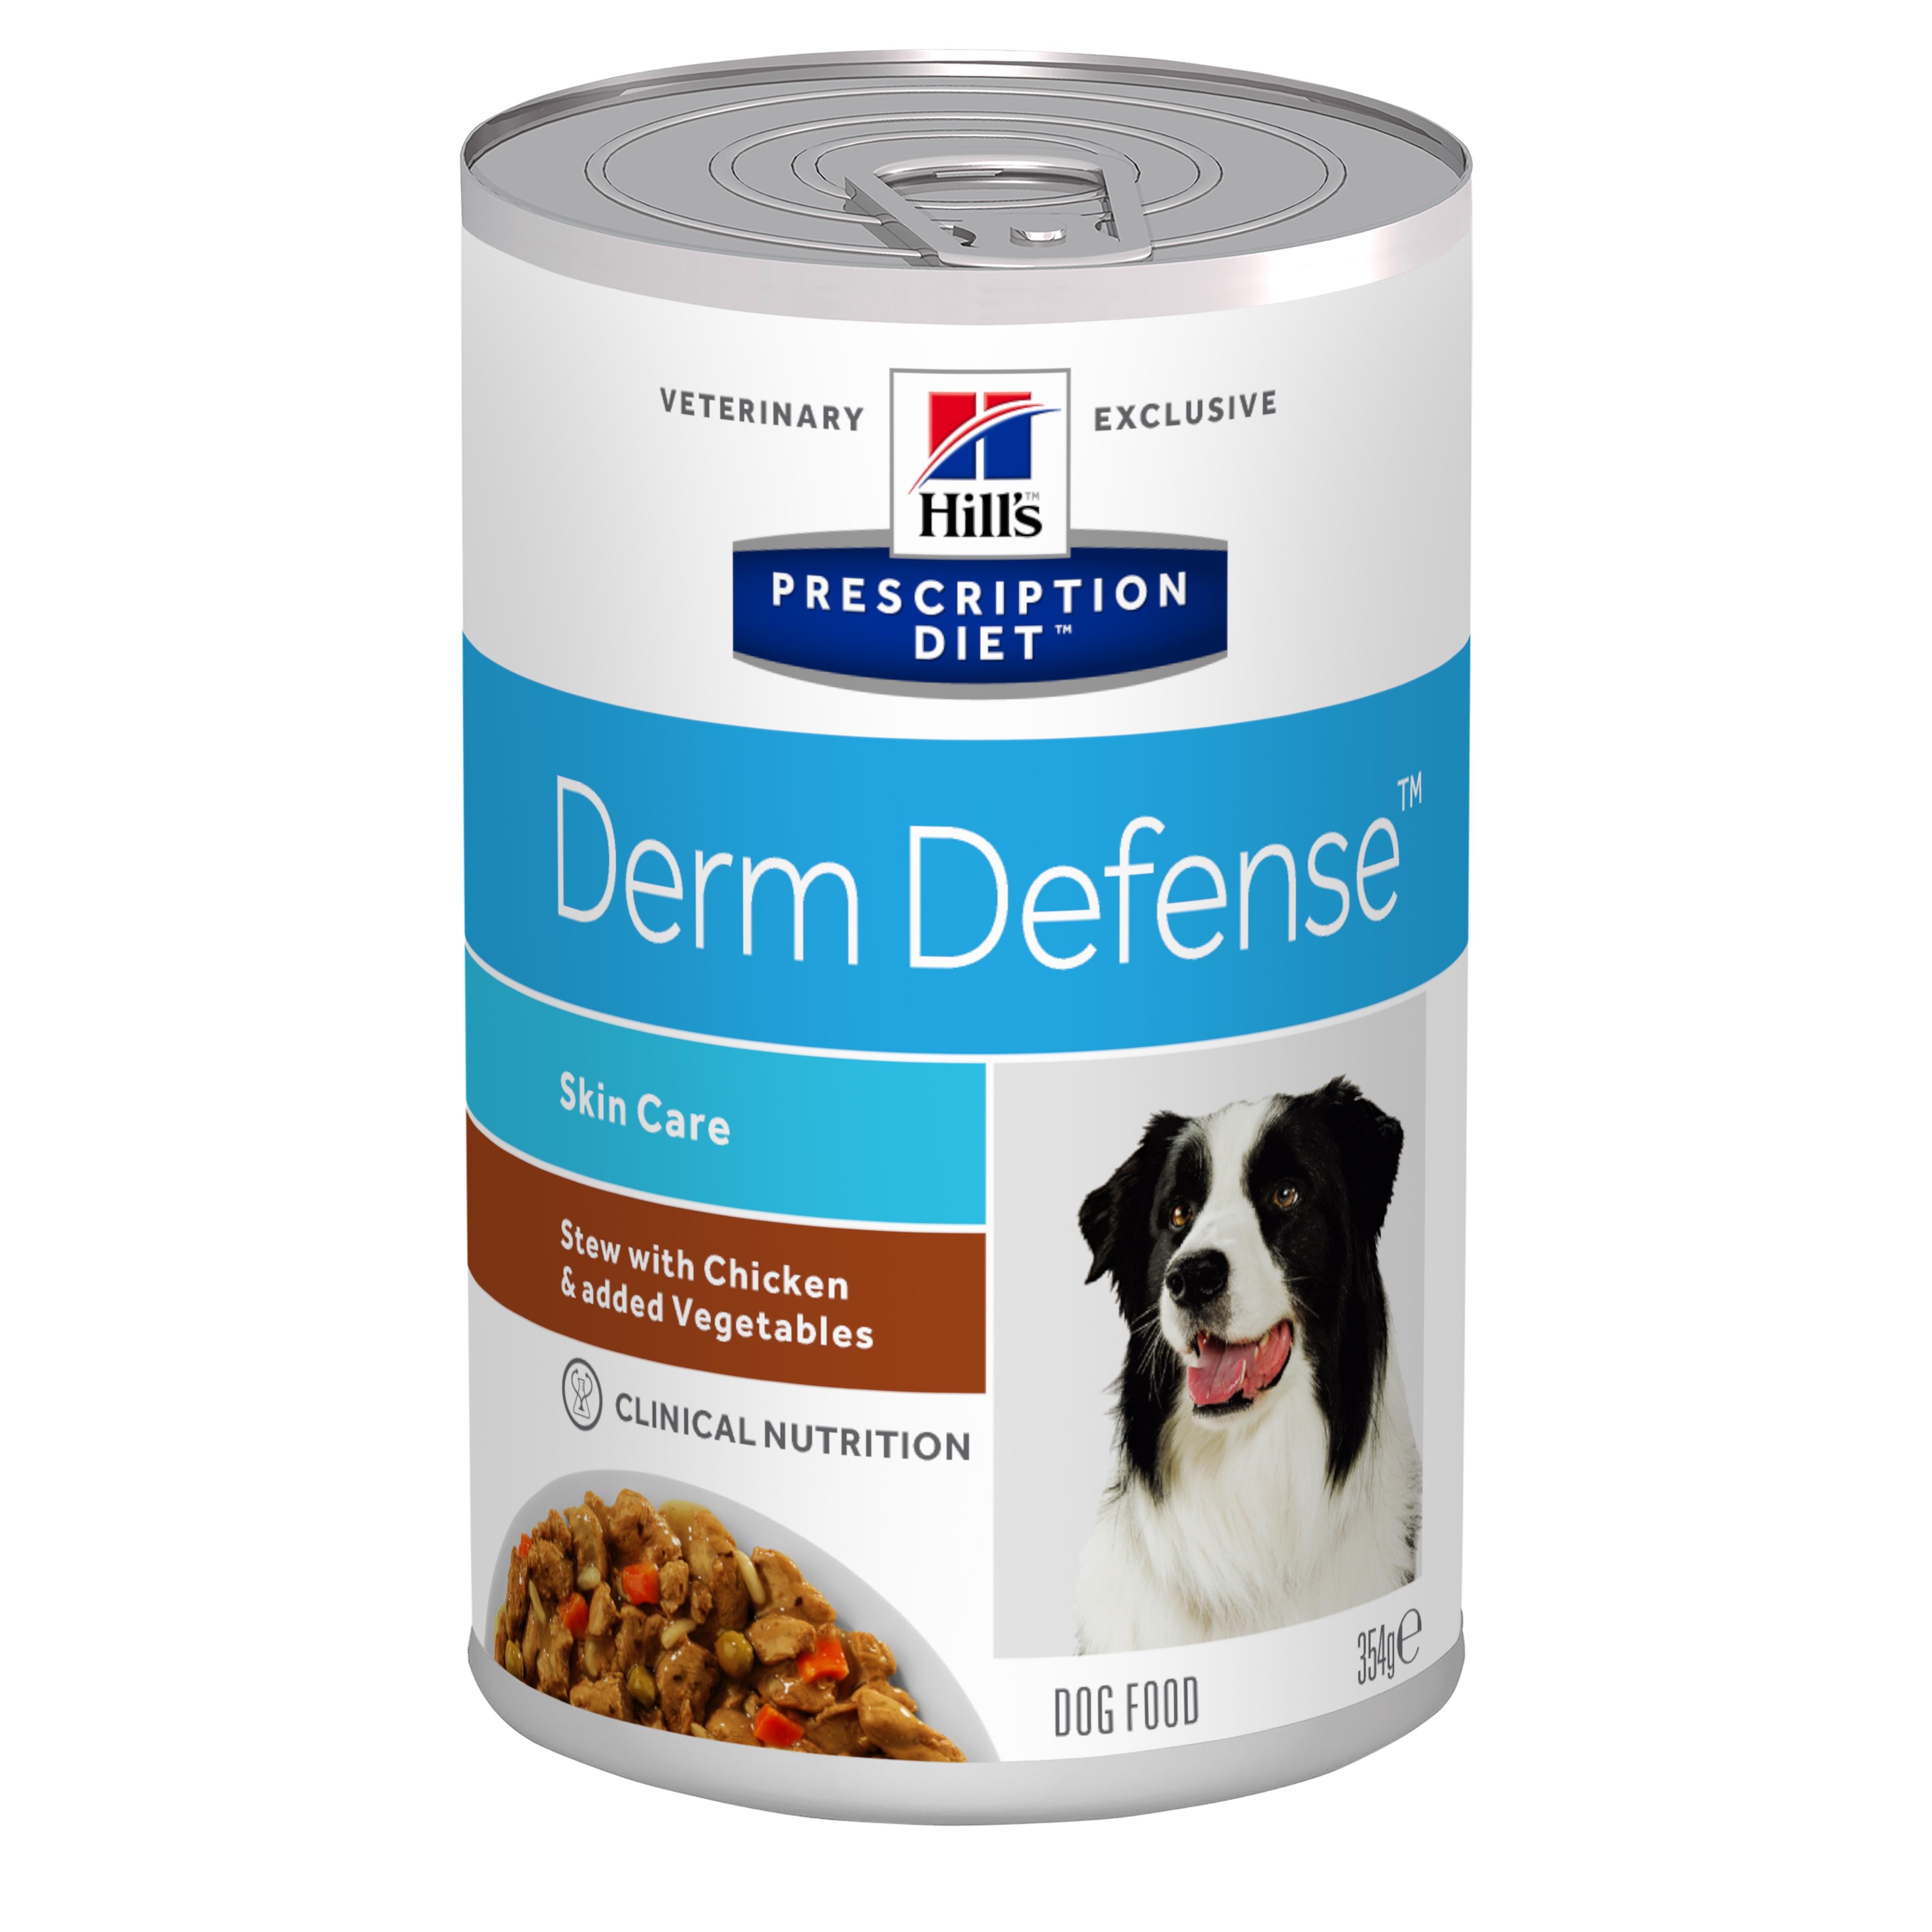 Hill's PD Derm Defense Skin Care hrana pentru caini cu pui si legume, 354 g imagine